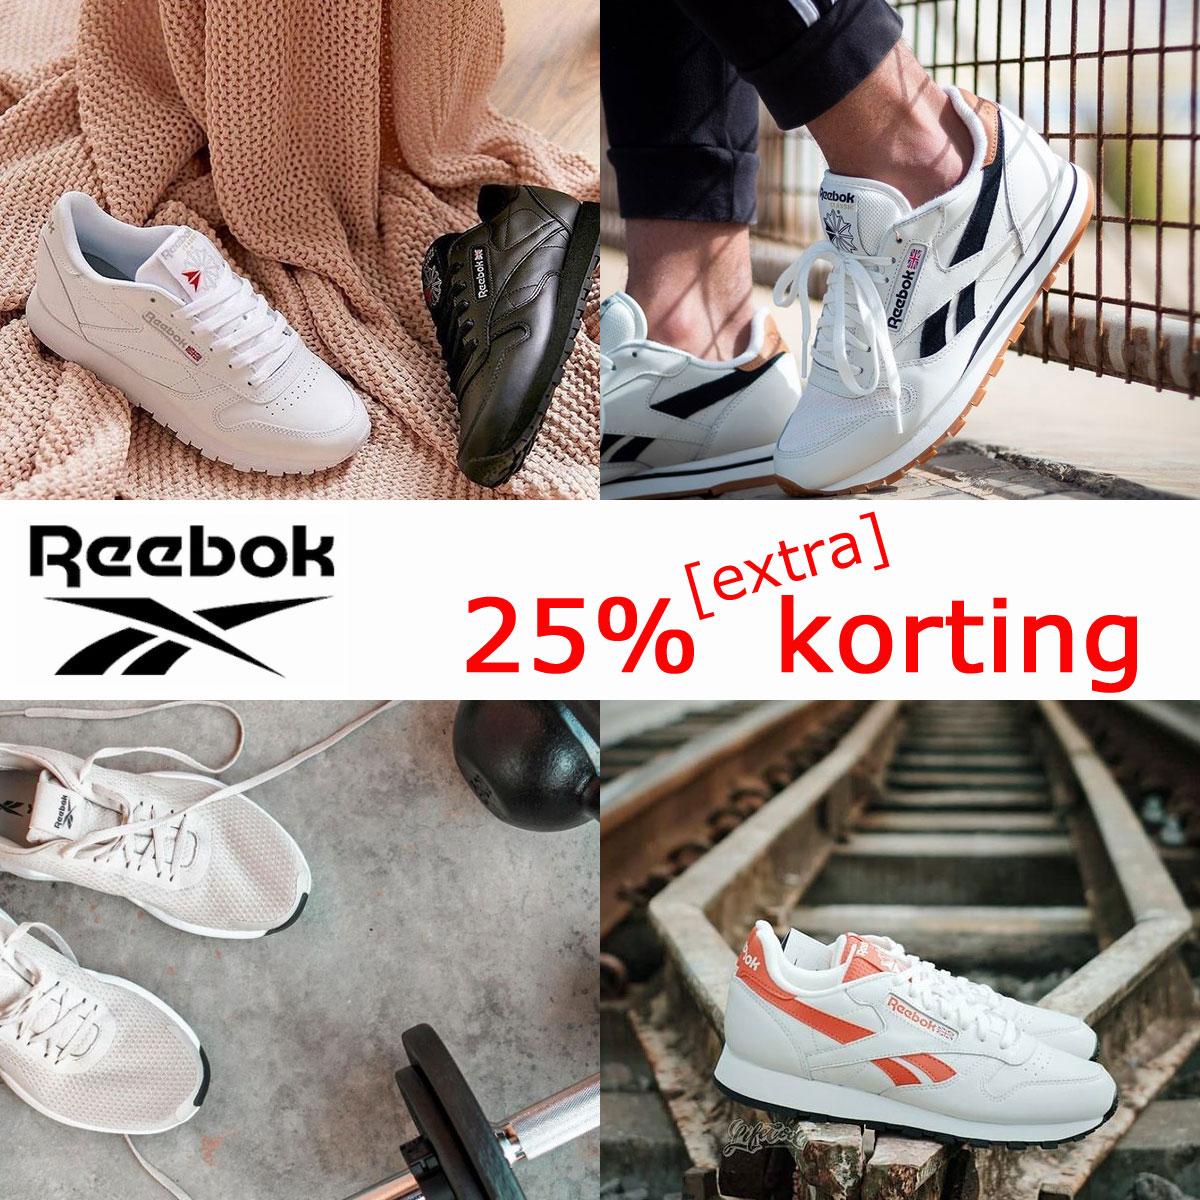 25% korting - ook op OUTLET @ Reebok